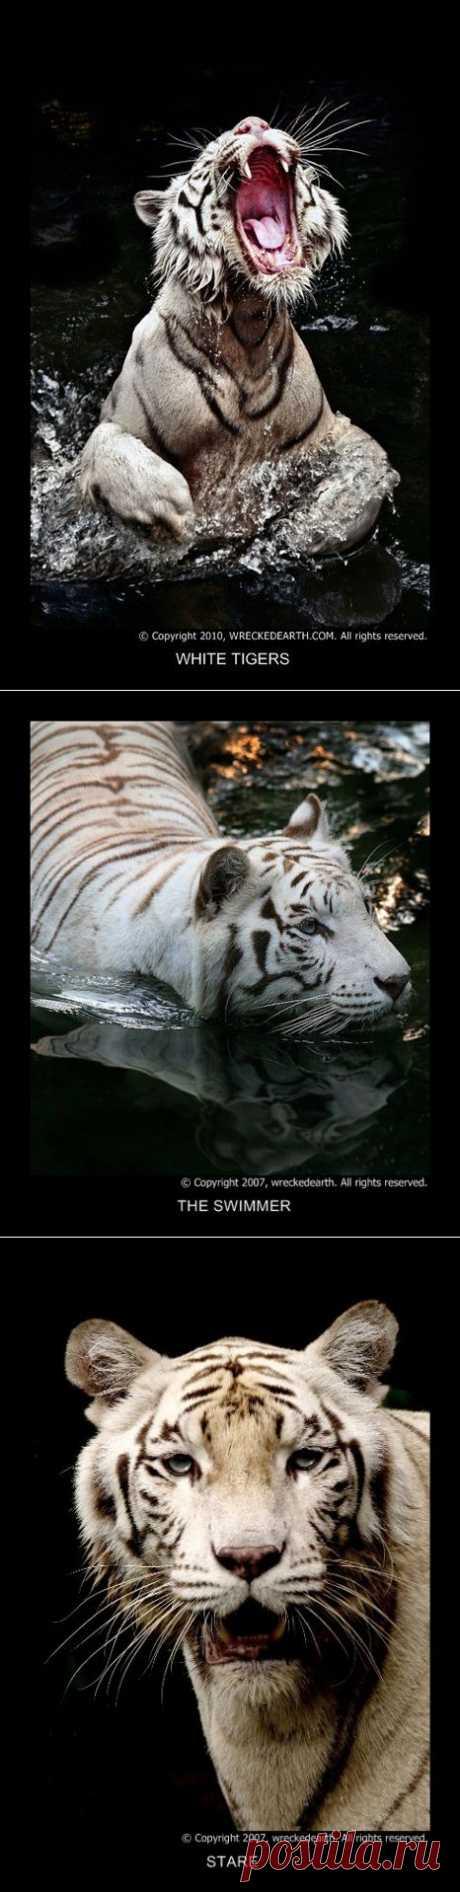 Несколько сцен из жизни белых тигров. Фотограф Birte Ragland.